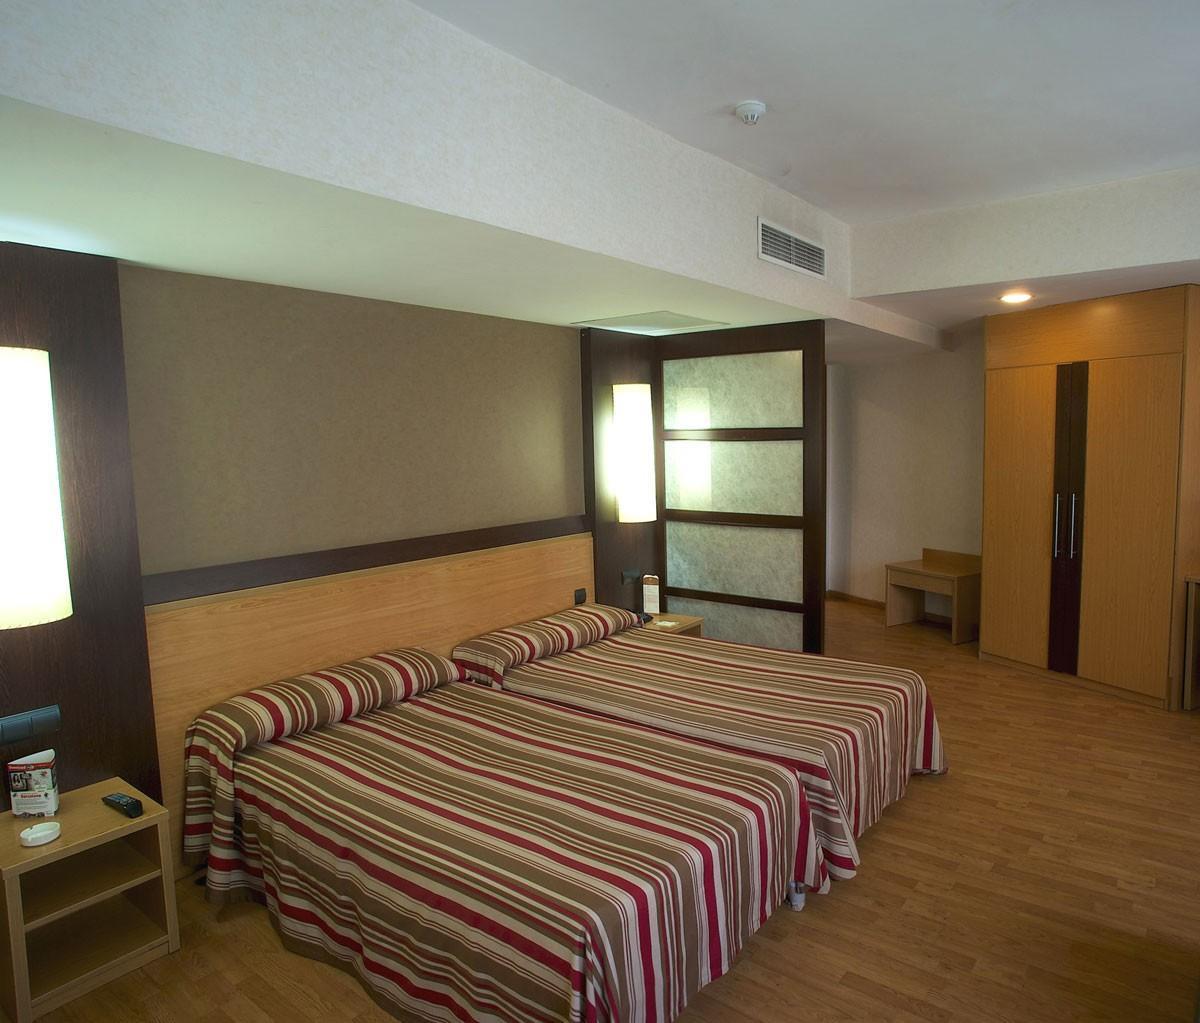 Chambres h tel catalonia atenas barcelone - Hotel chambre familiale barcelone ...